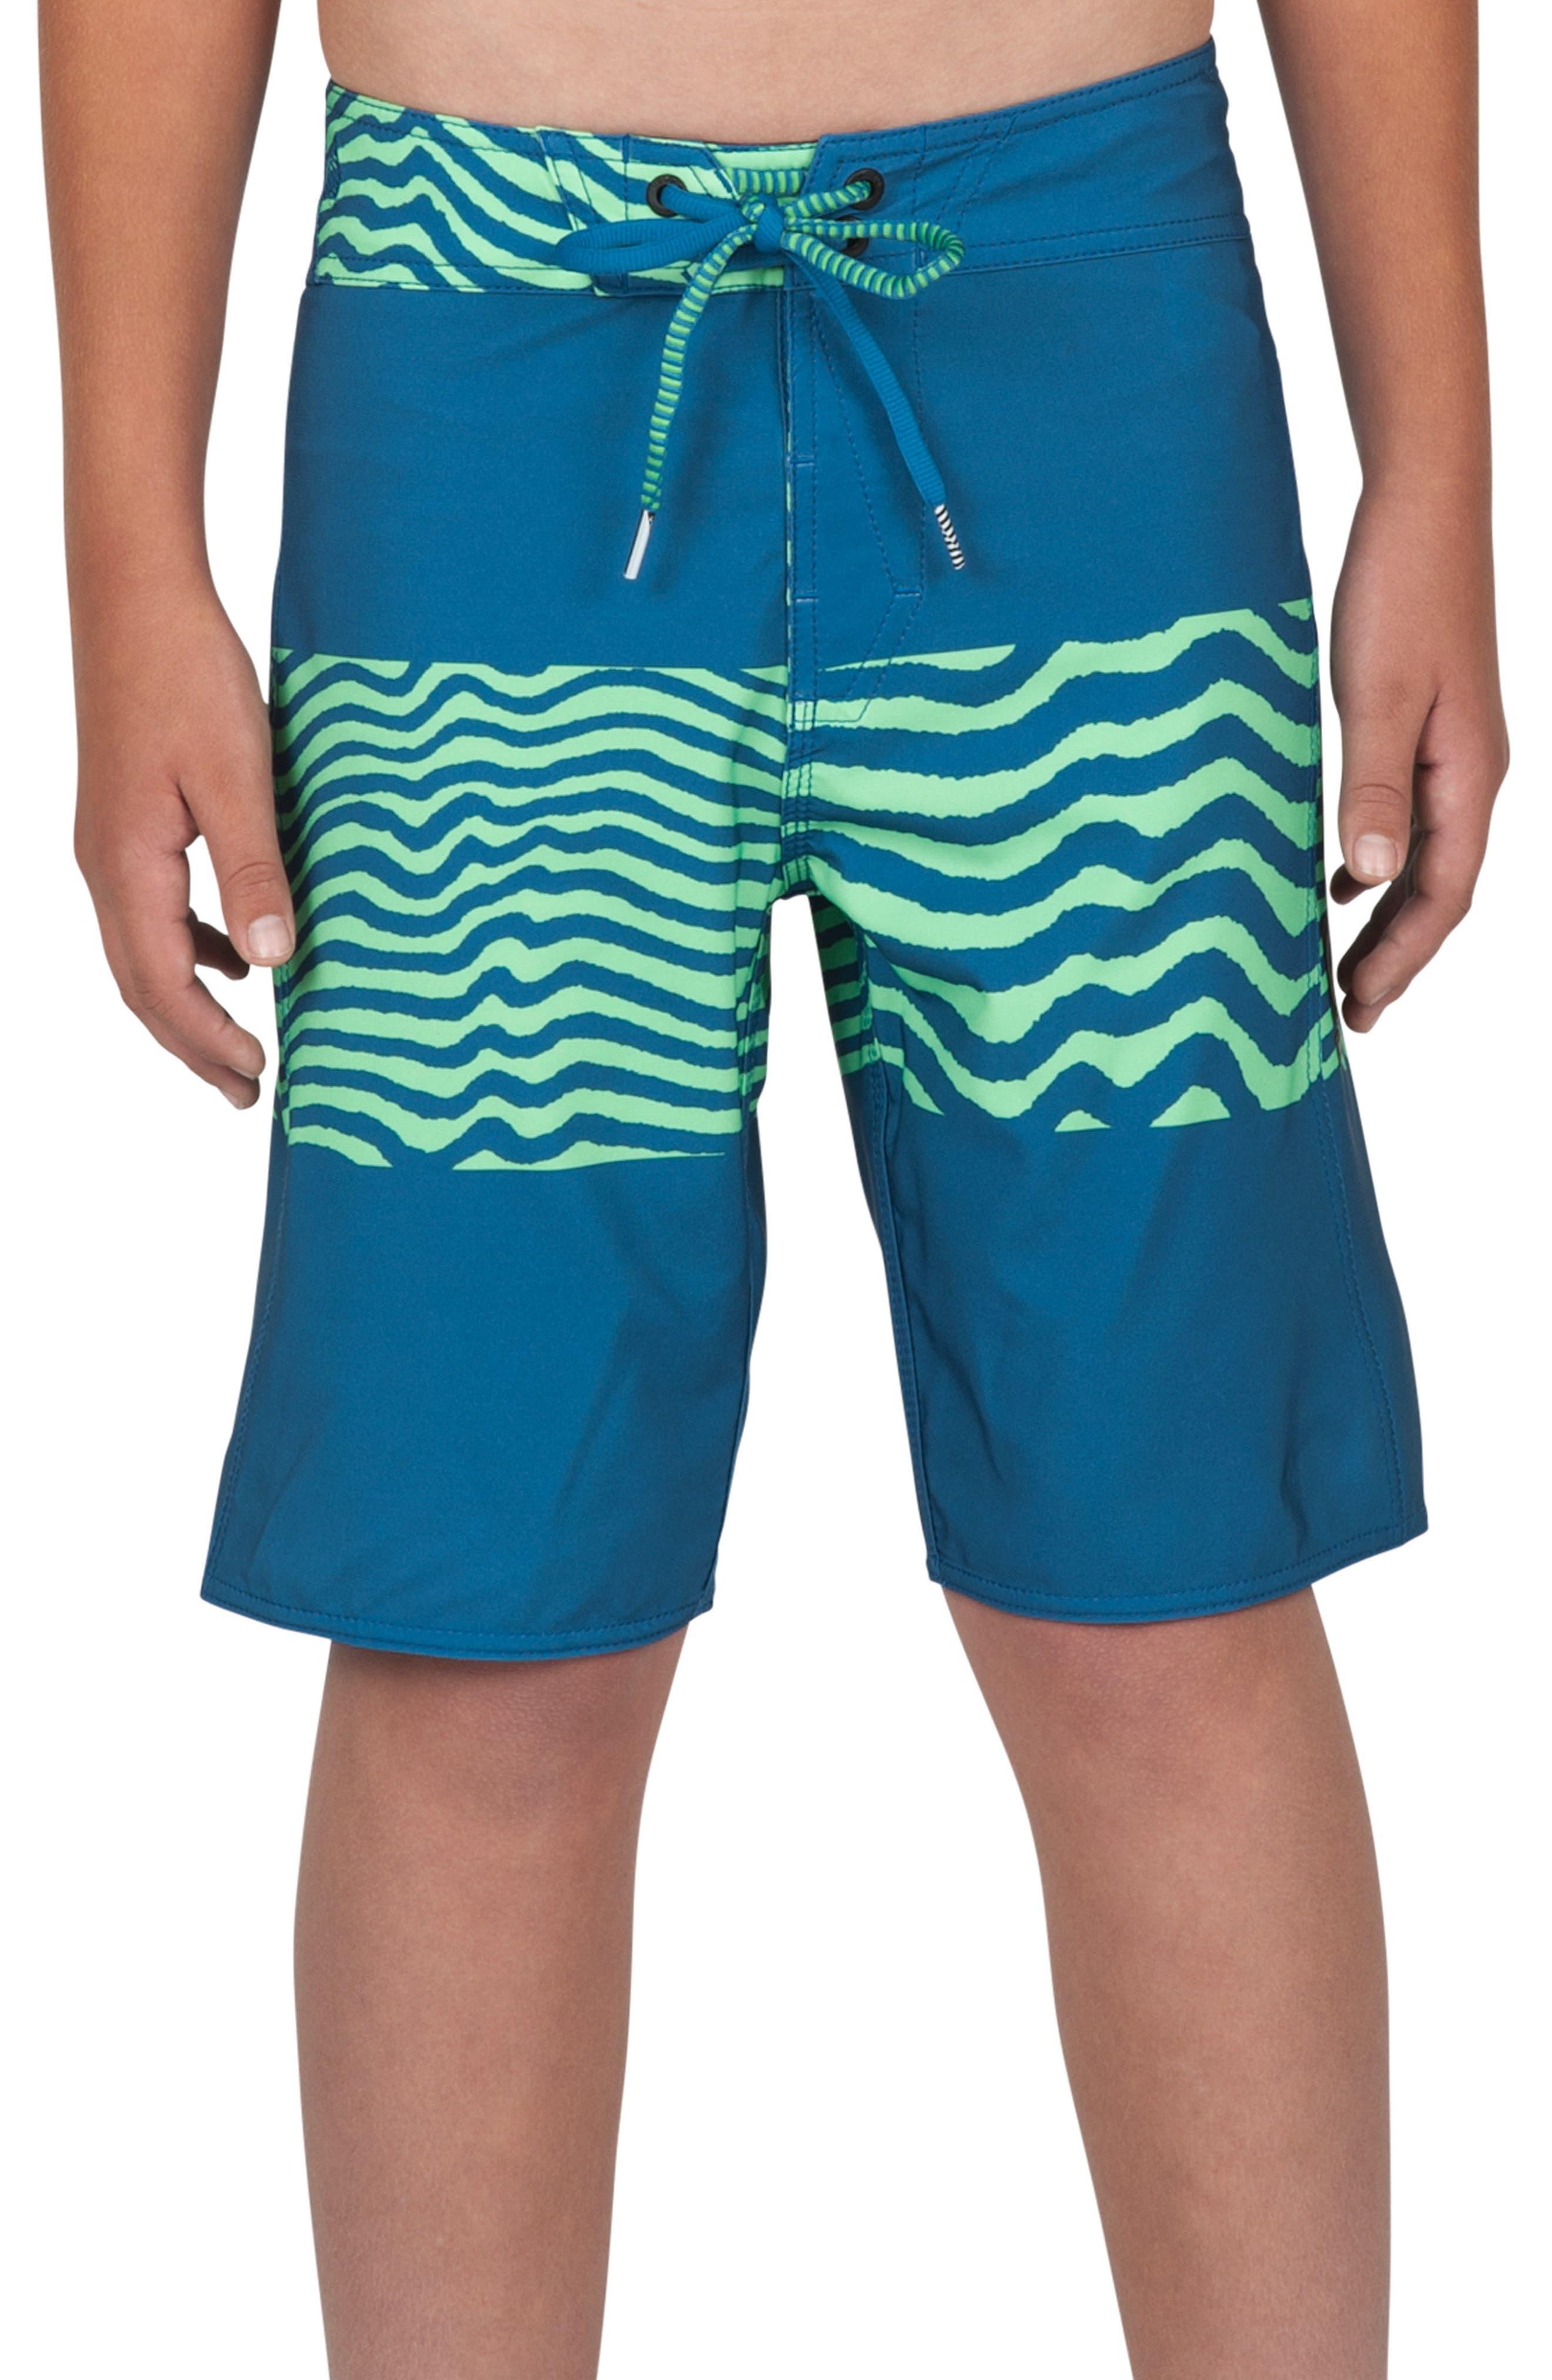 Macaw Mod Board Shorts,                             Main thumbnail 2, color,